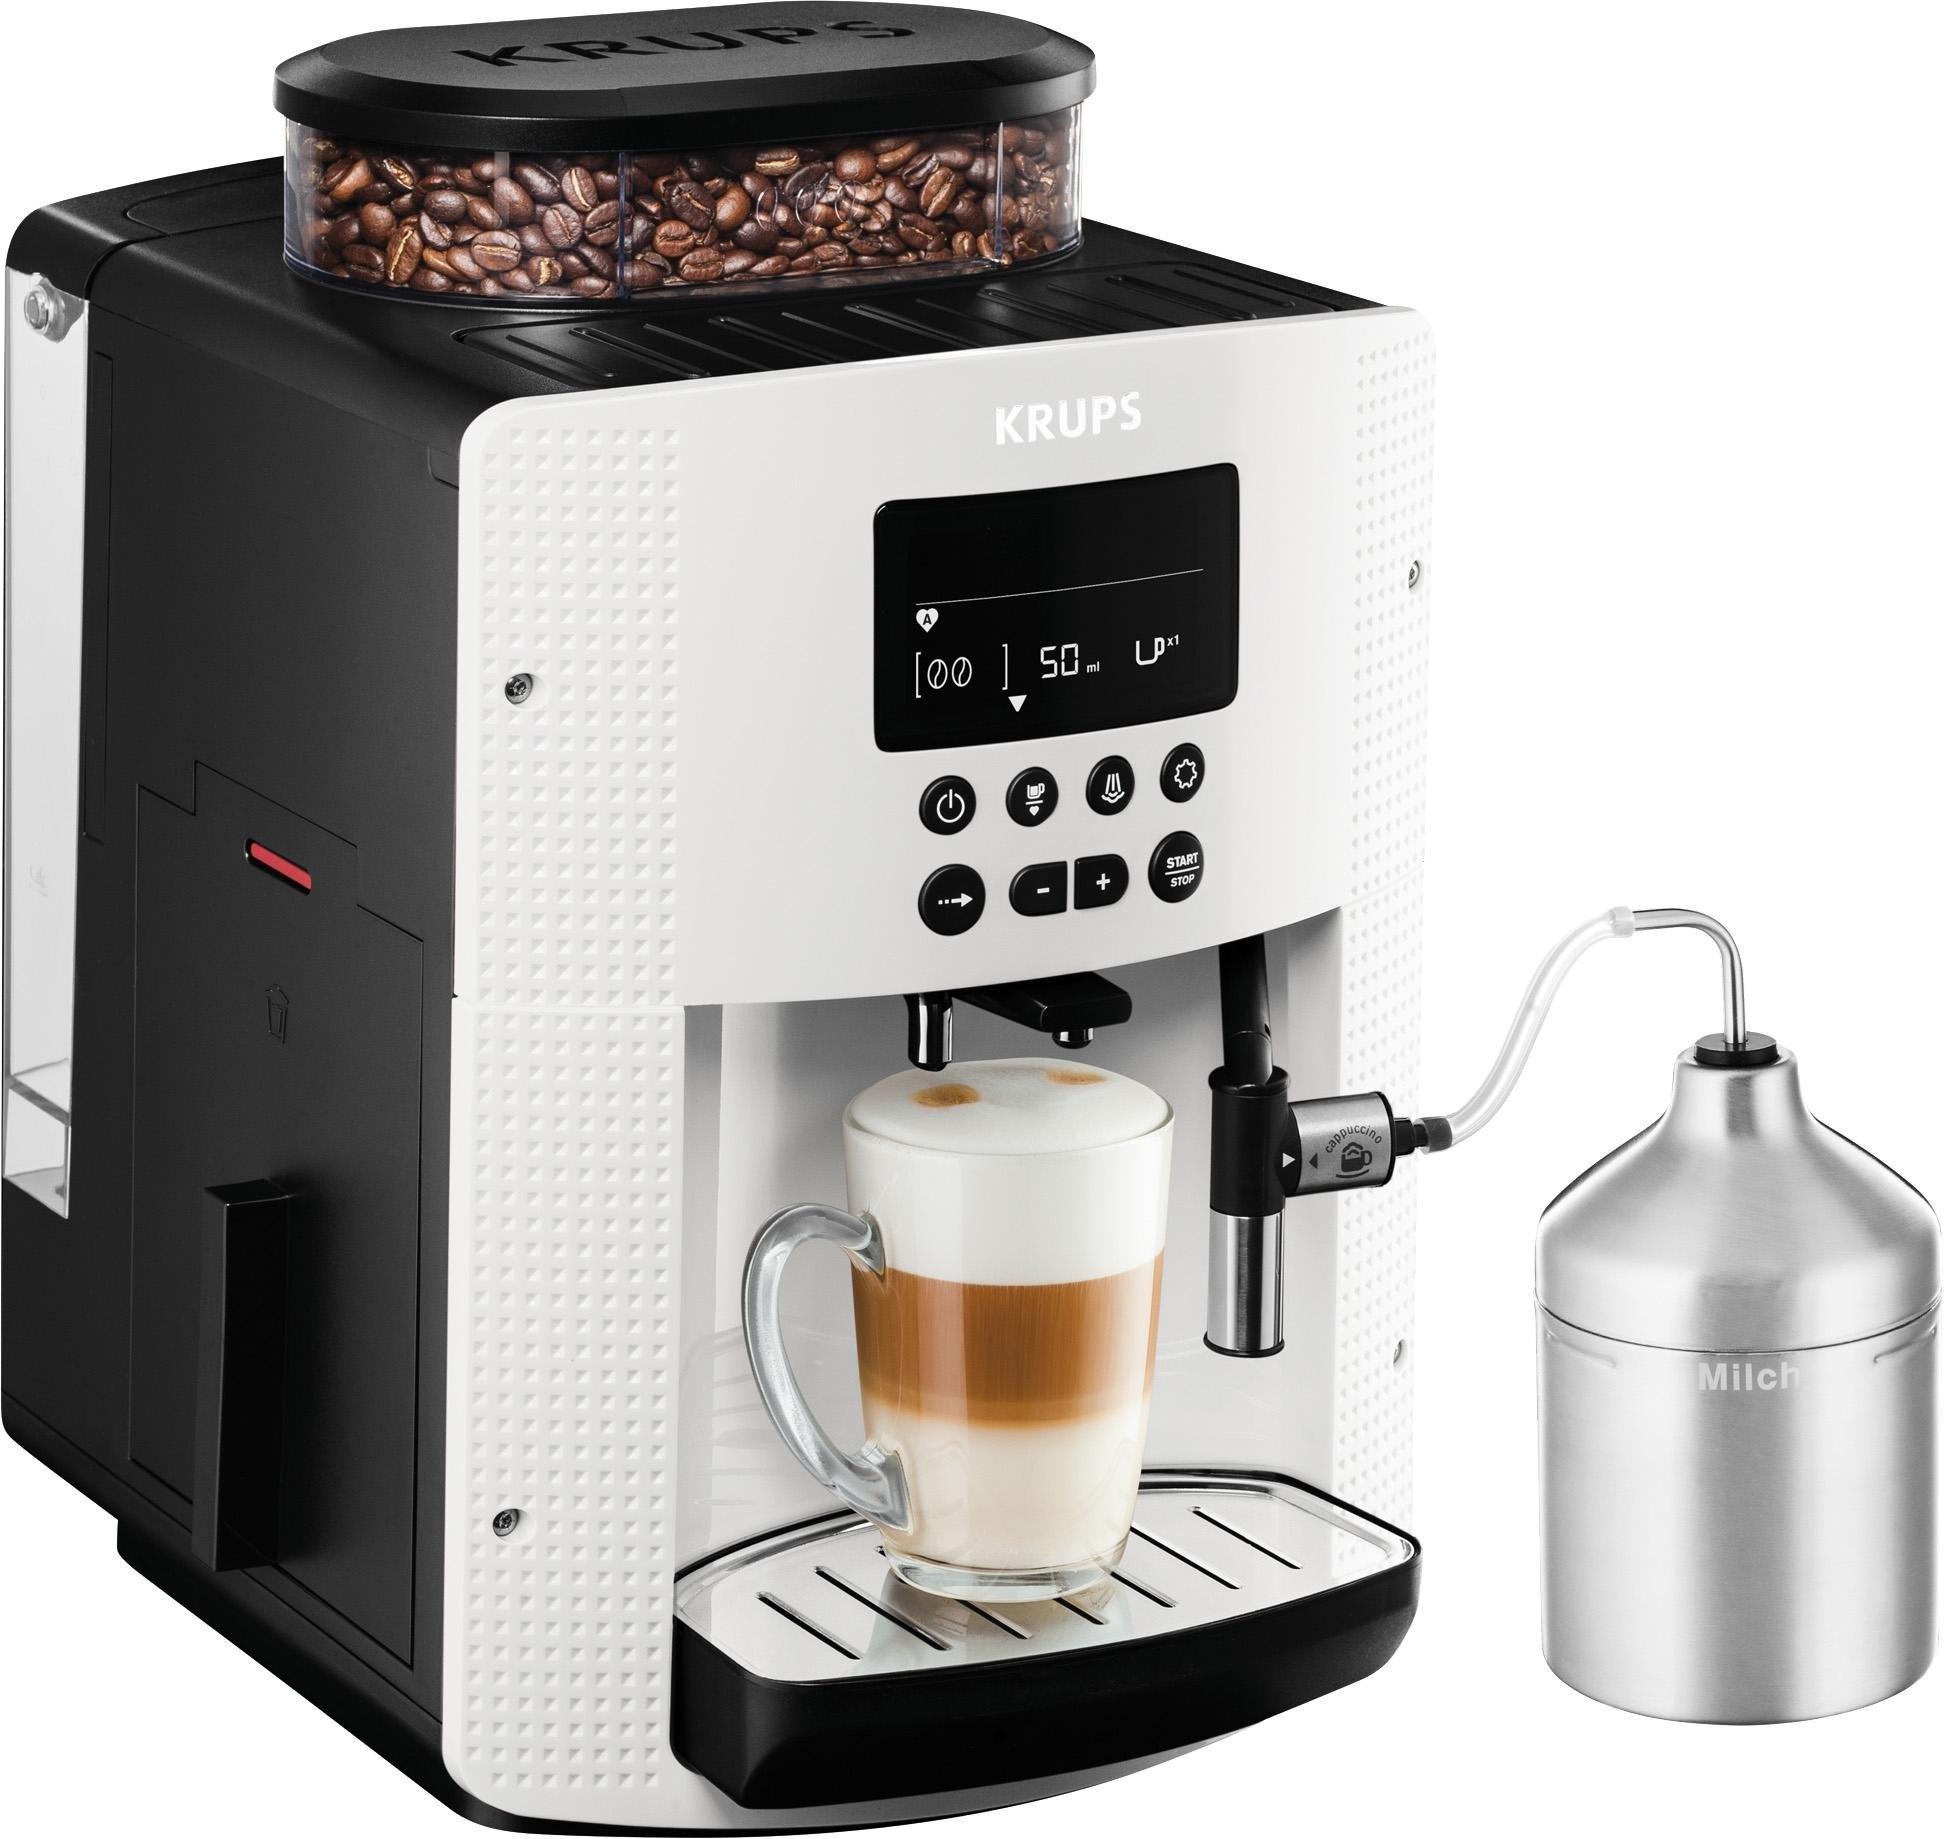 Krups volautomatisch koffiezetapparaat EA8161, auto-cappuccinosysteem, wit, LCD-scherm nu online bestellen